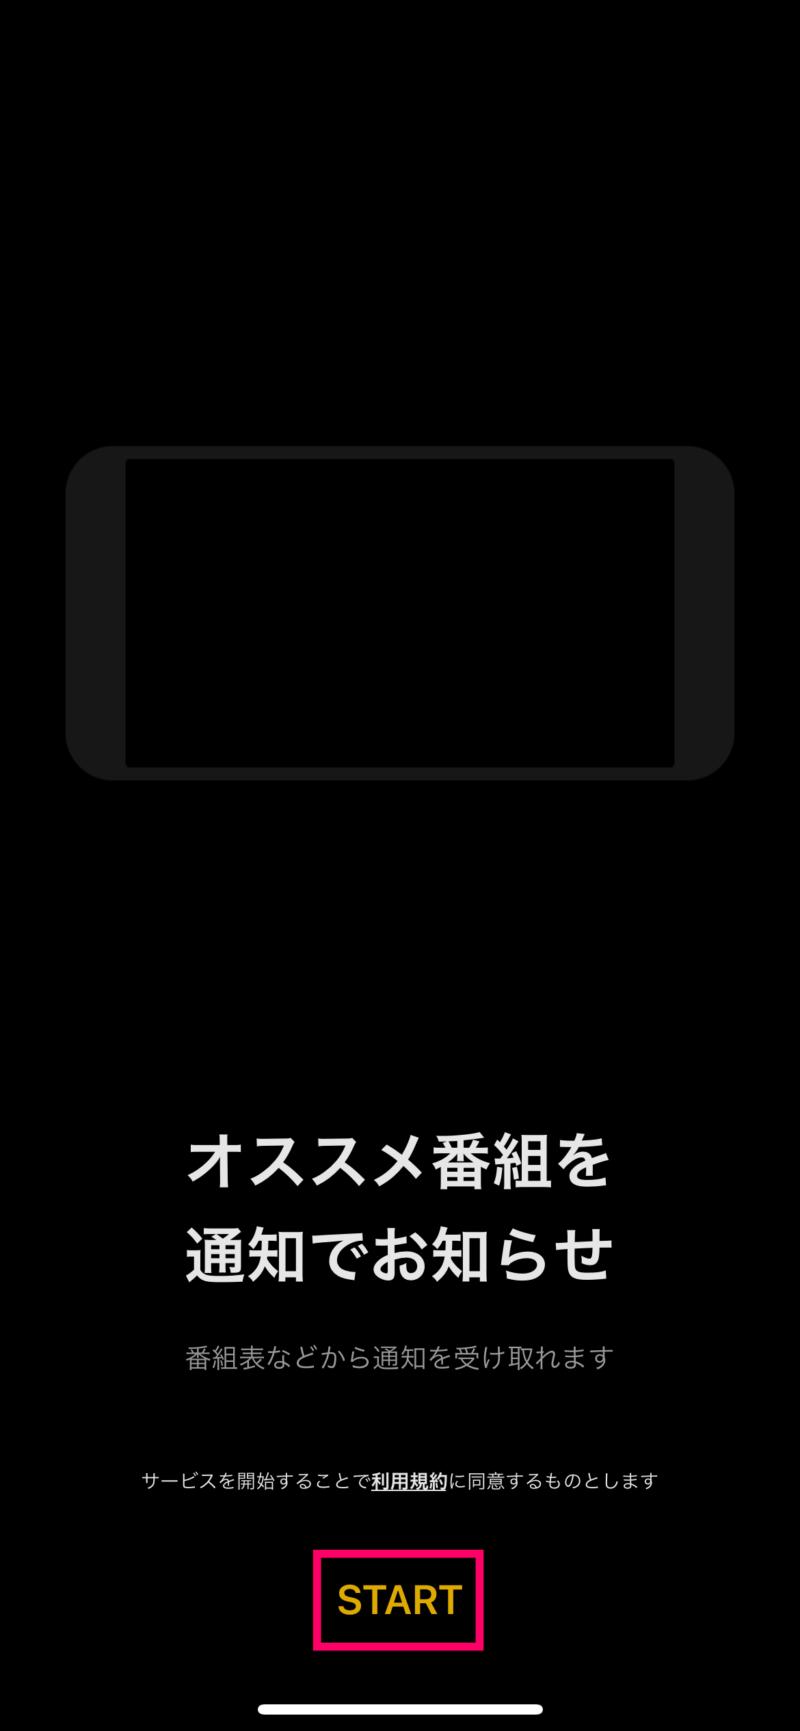 アベマアプリの始め方手順2